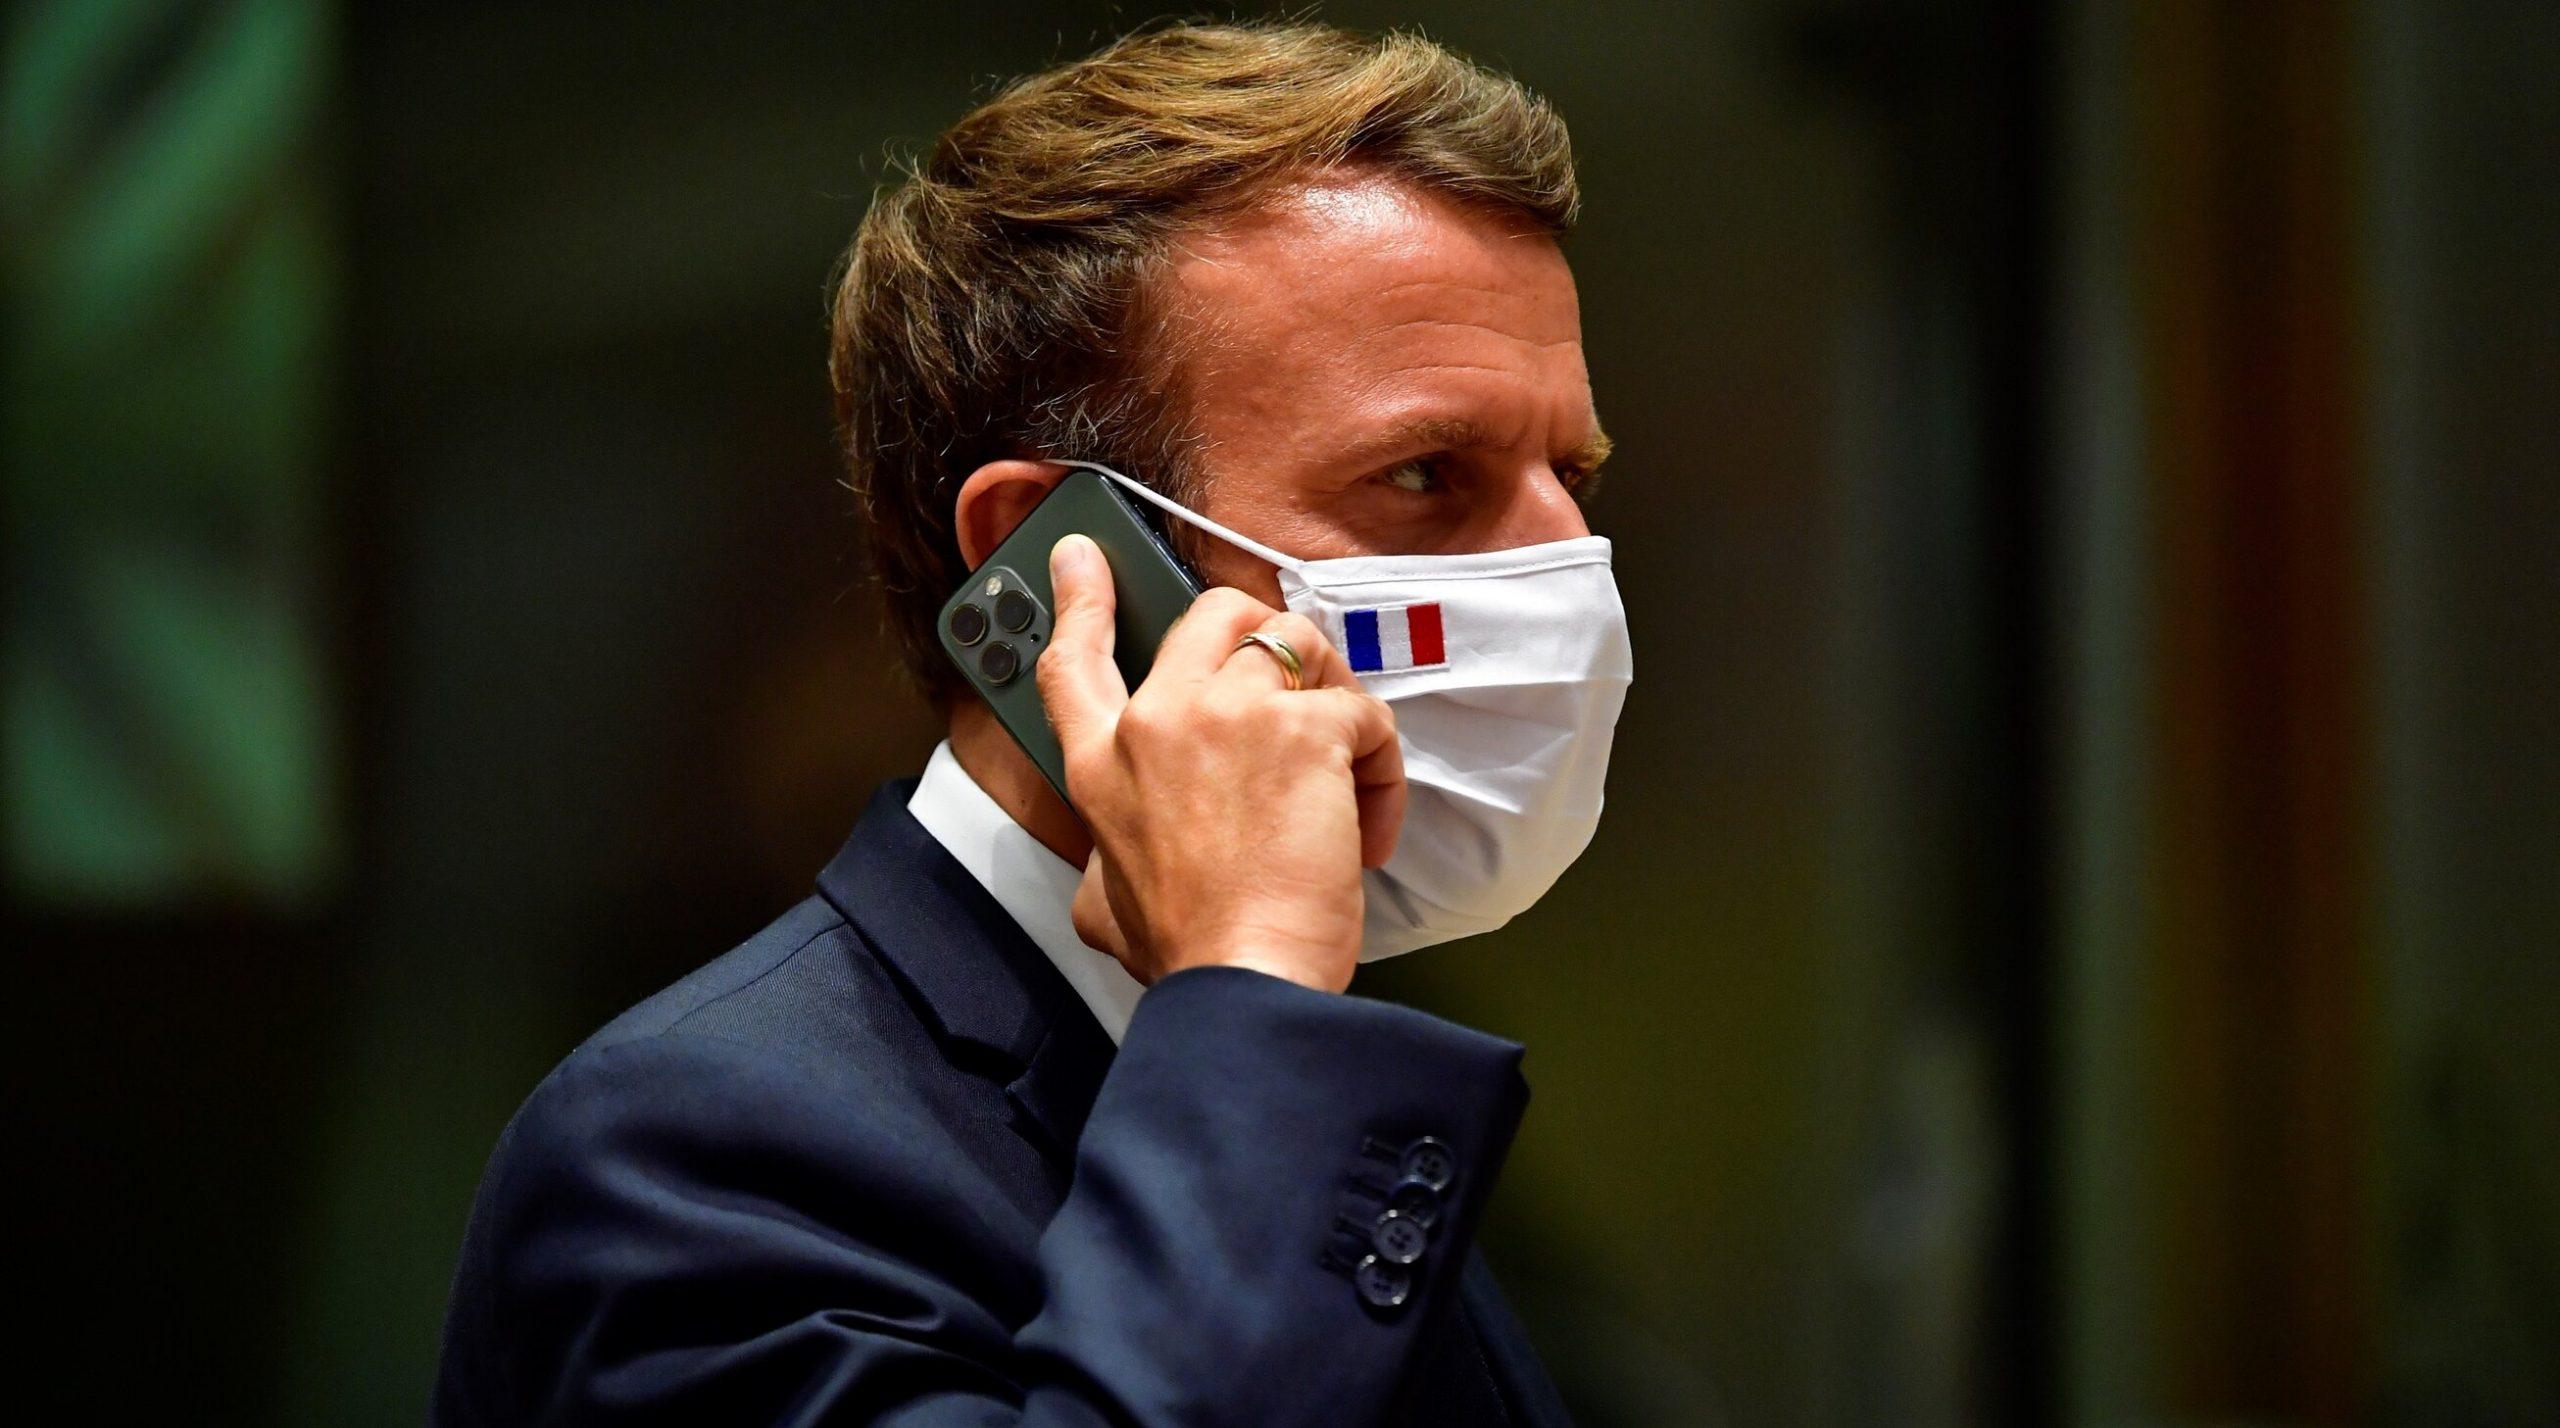 Emmanuel Macron își schimbă telefonul și numărul de telefon, pentru a scăpa de softul de spionaj Pegasus